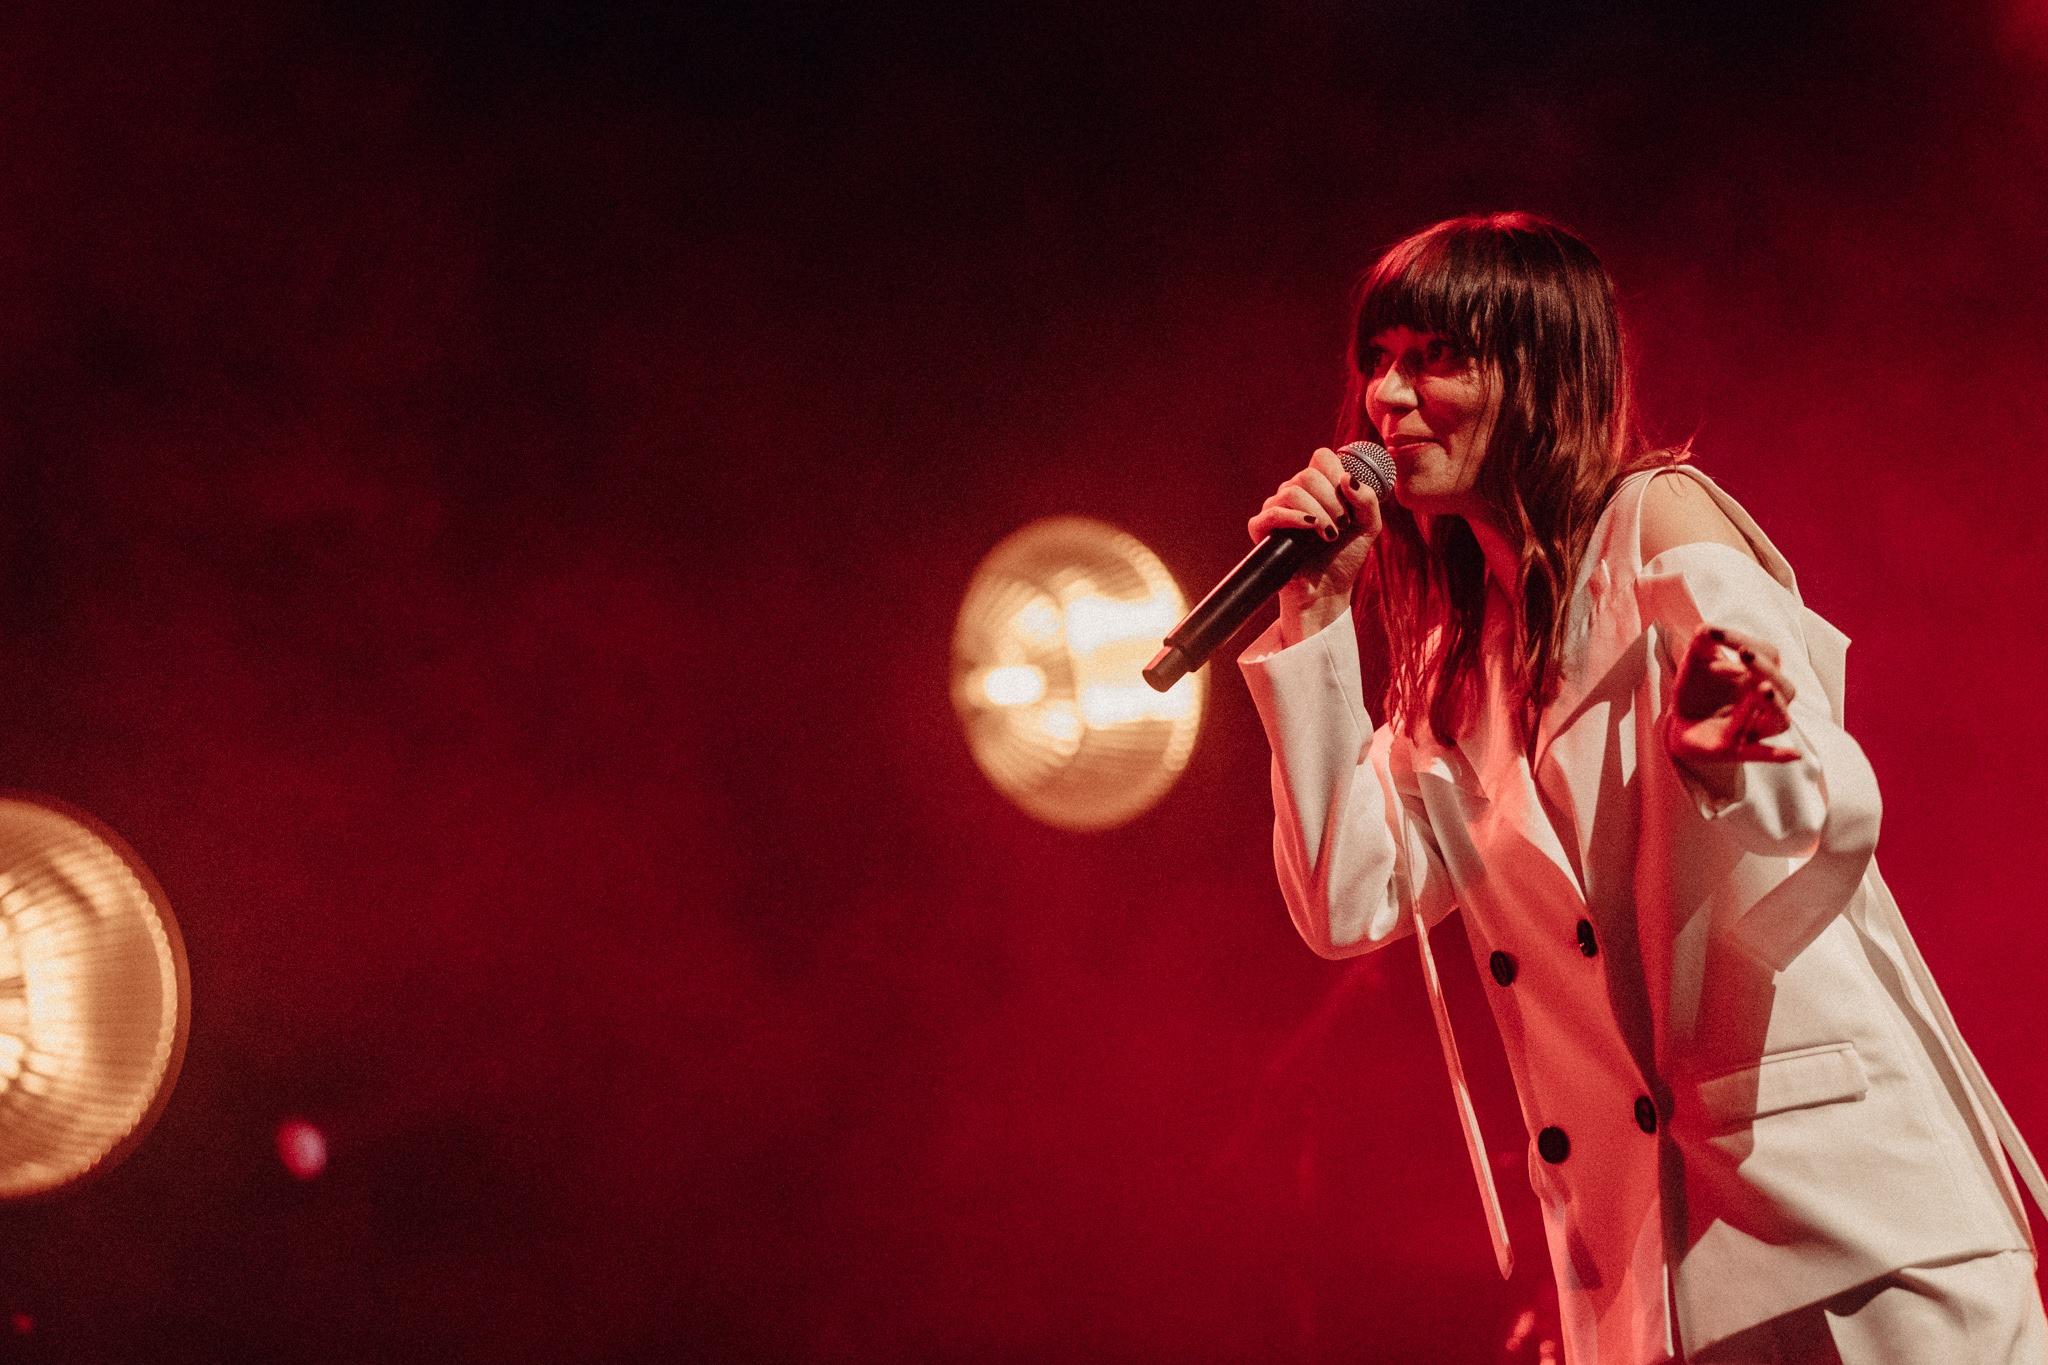 Zdjecie przedstawia koncert widzimy czerwone swiatlo a na jego tle do polowy kobiete brunetke ubrana w biala marynarke ma dlugie wlosy